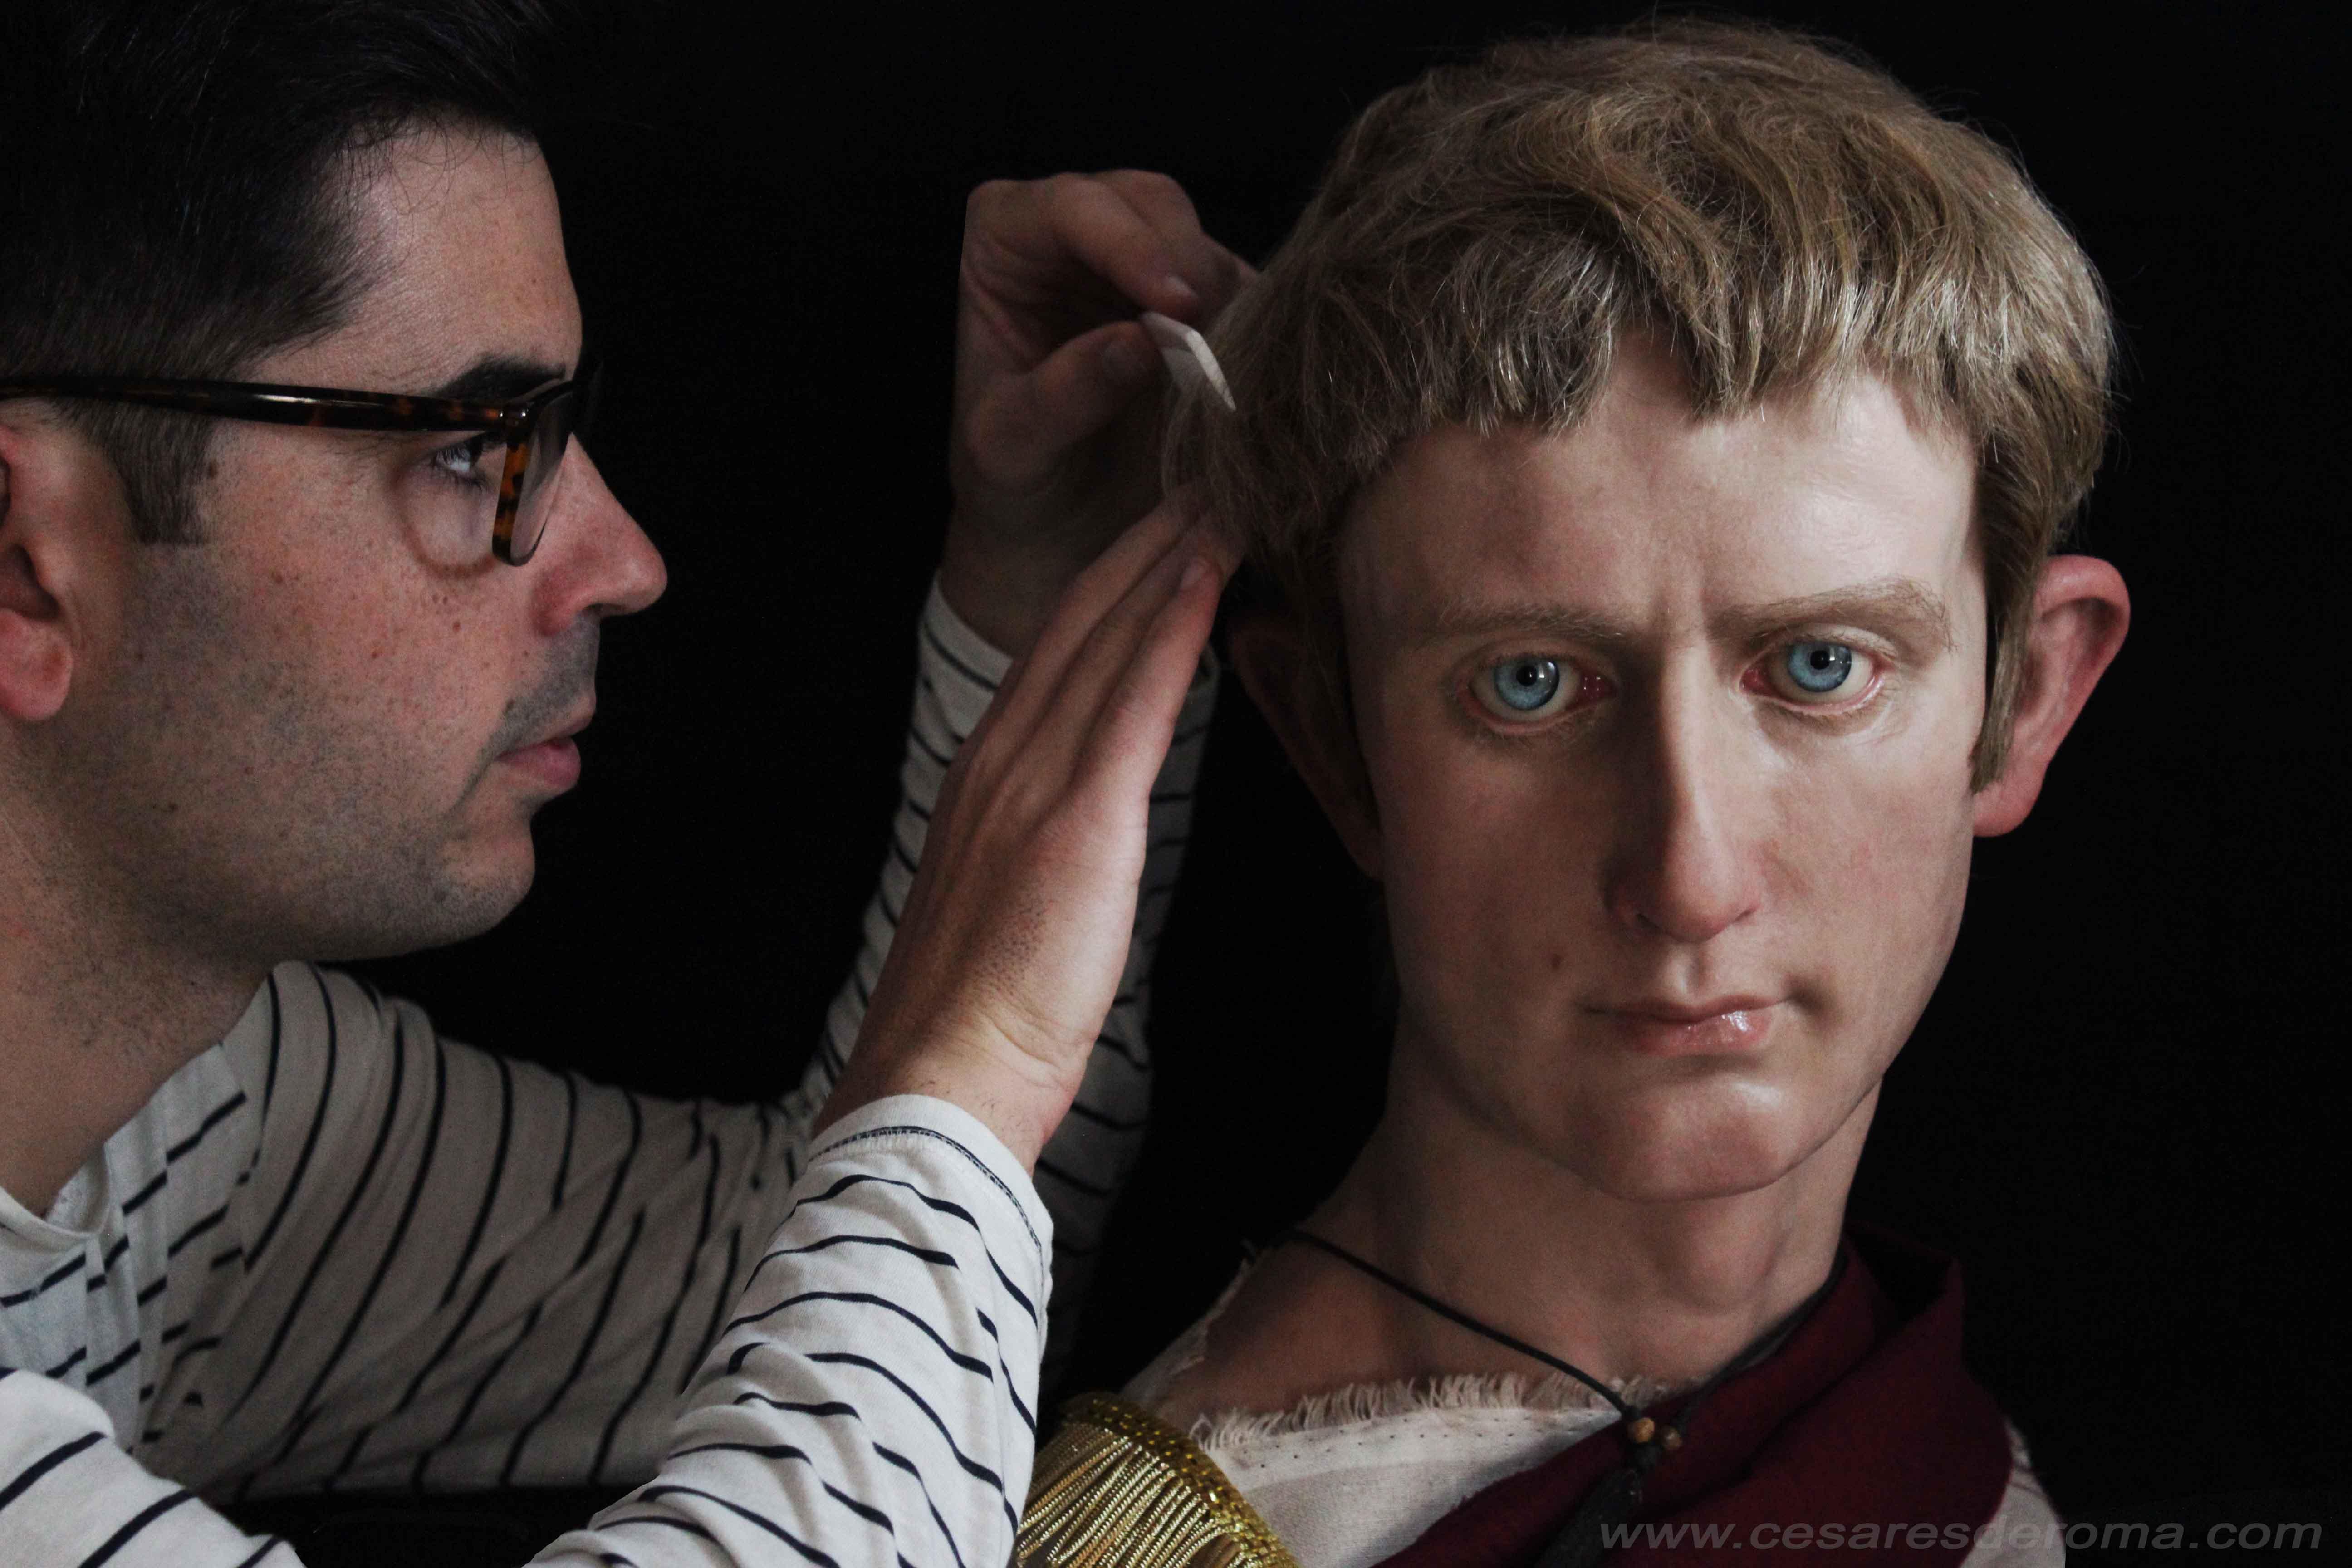 Рим със своето културно и архитектурно населдство определено е град, който си заслужава да бъде посетен. Един испански скулптор обаче обръща поглед не към сградите, а към императорите, вдъхвайки живот на скулпутрите си.